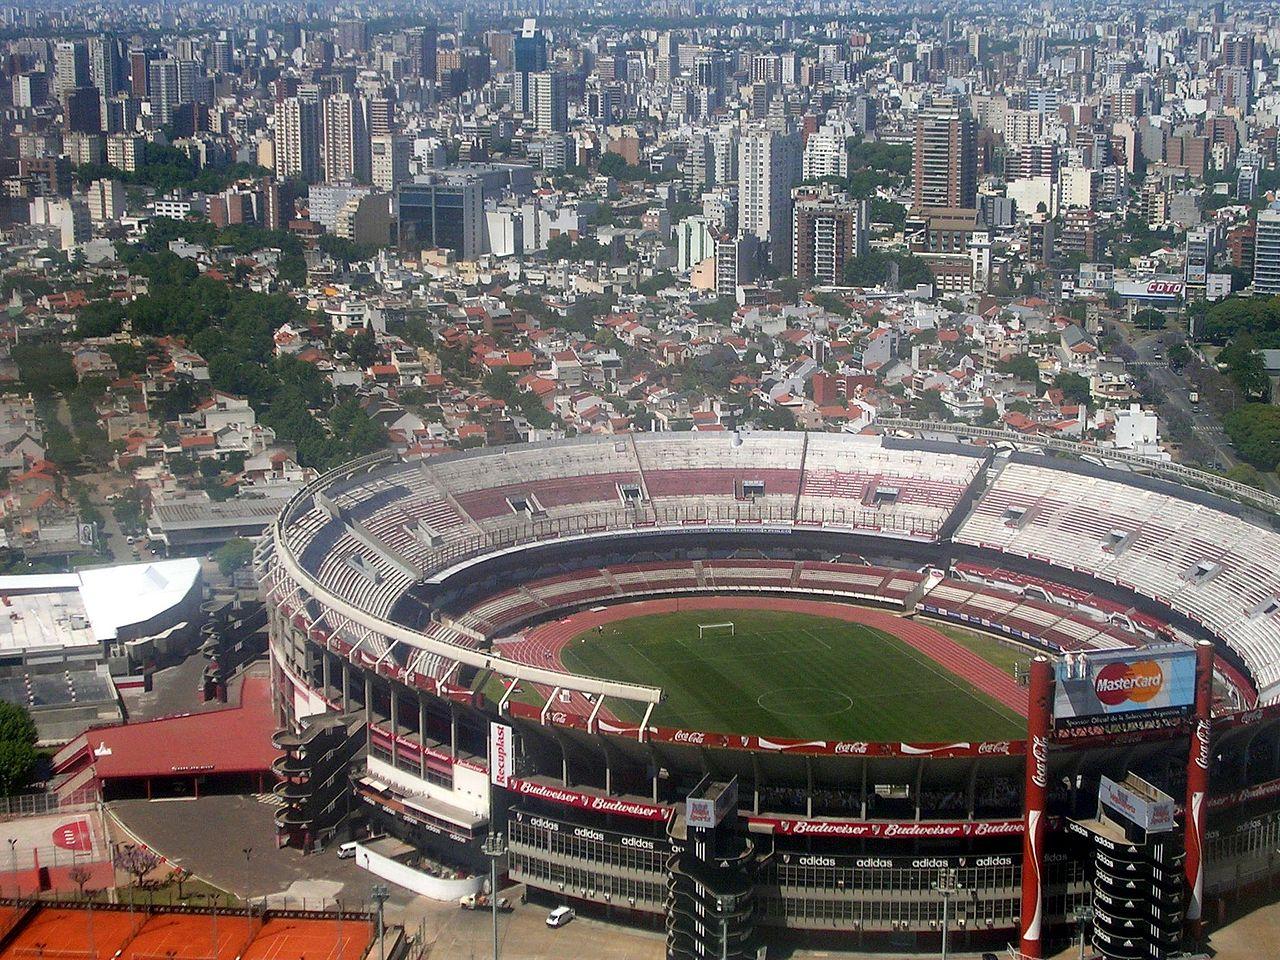 1280px-002_Buenos_Aires_desde_el_cielo_(Estadio_de_River)